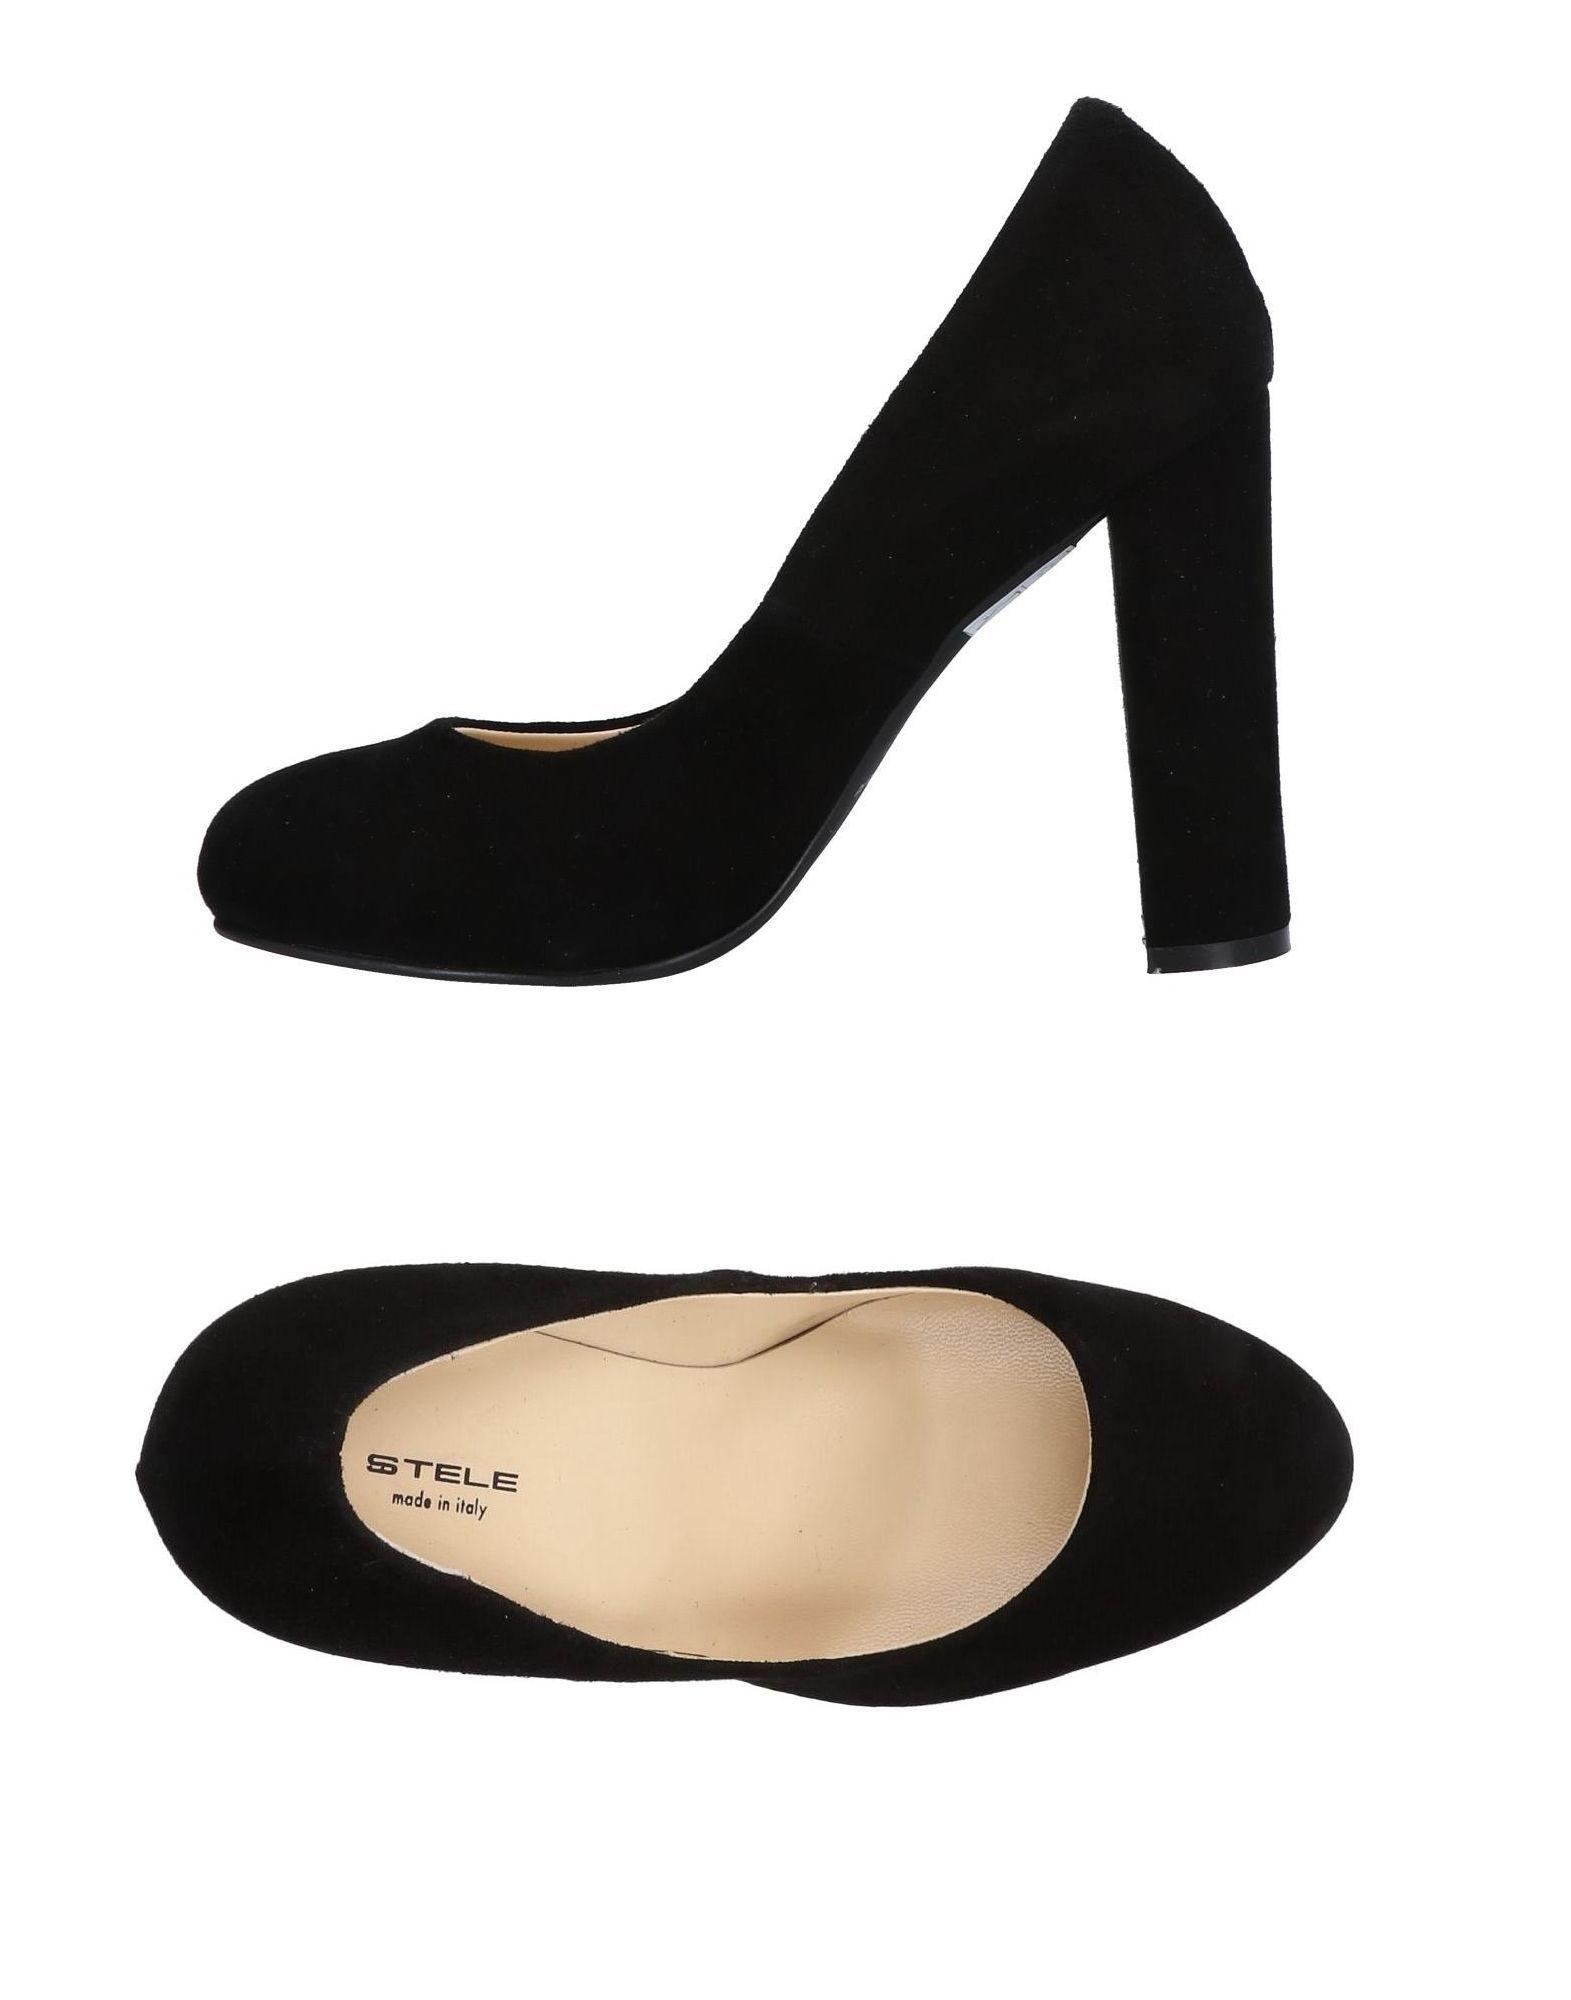 FOOTWEAR Stele Black Woman Leather